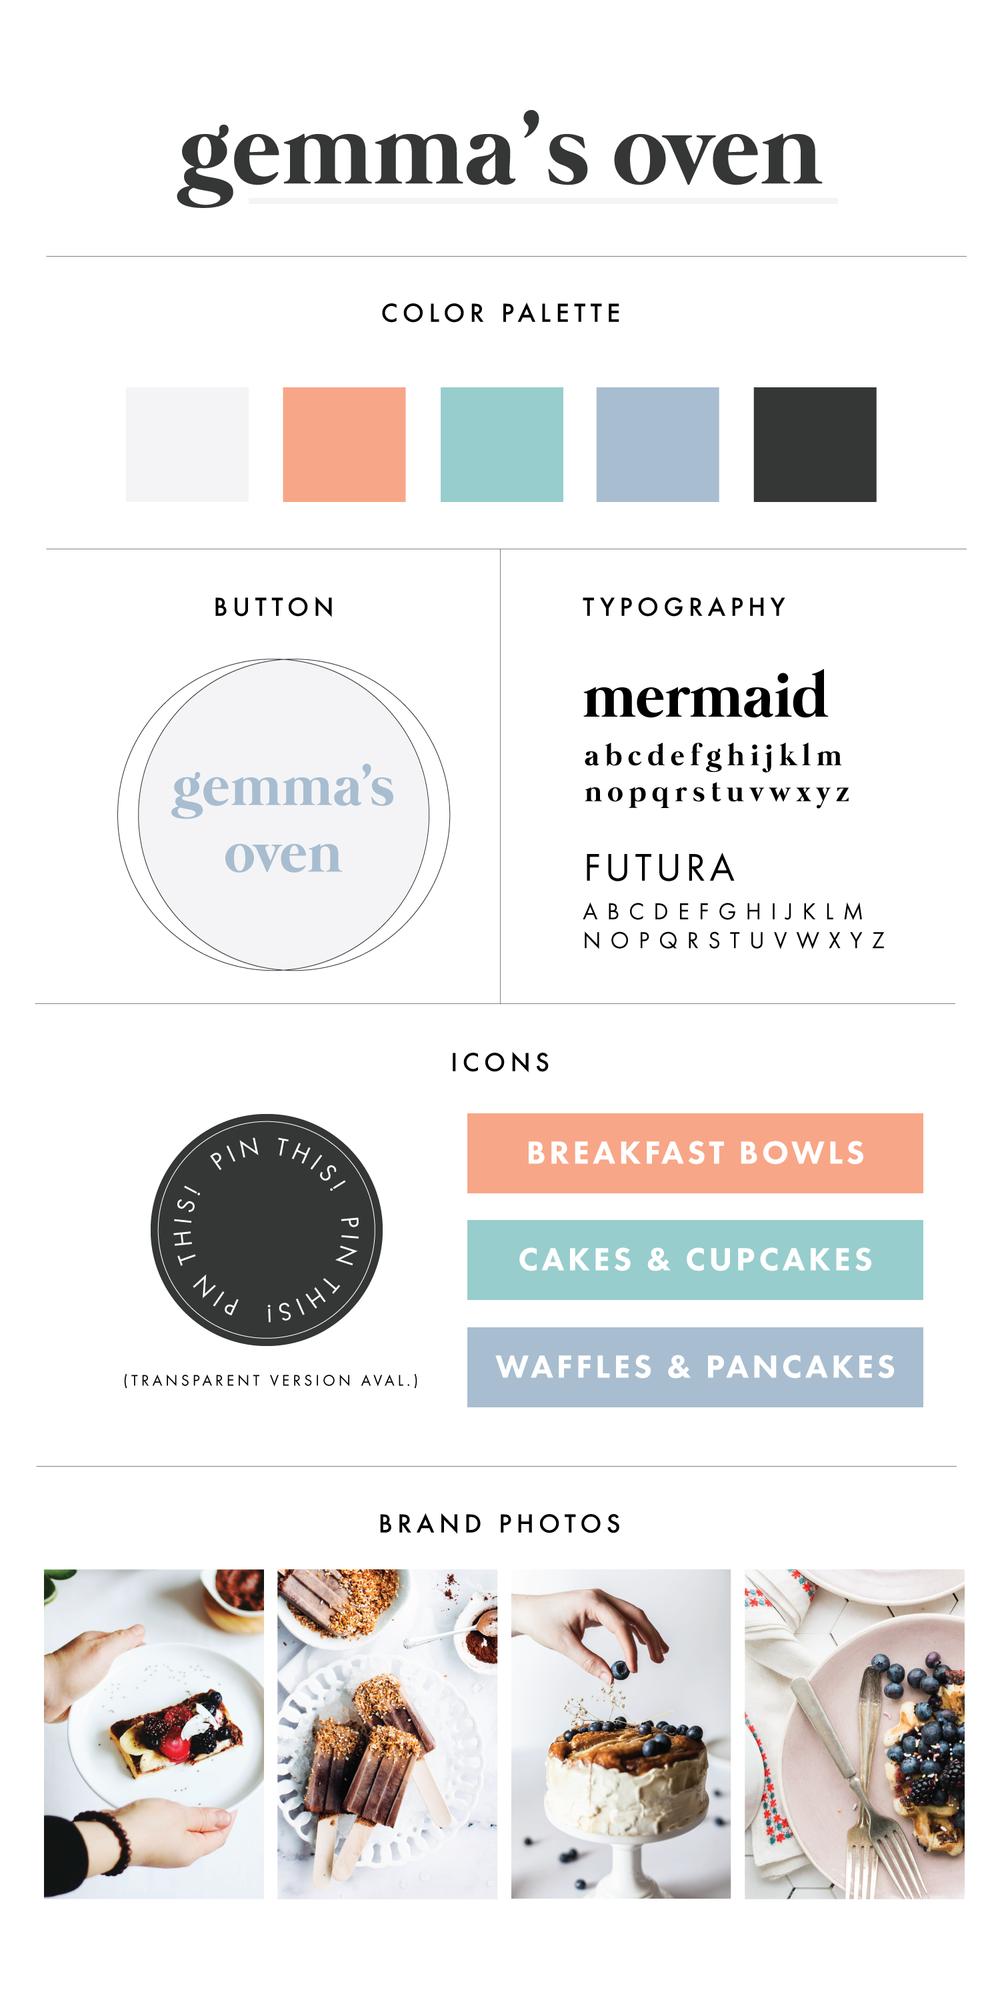 Premade Branding & Logo Kit | Branding Kit for Food Bloggers | Branding for Bakeries | Branding Design | Brand Identity | Branding Kits | Branding For Businesses | Logo Design | Brand Design | Branding | Brand Board | Branding For Creative Entrepreneurs and Small Business Owners | Branding for Food Photographers